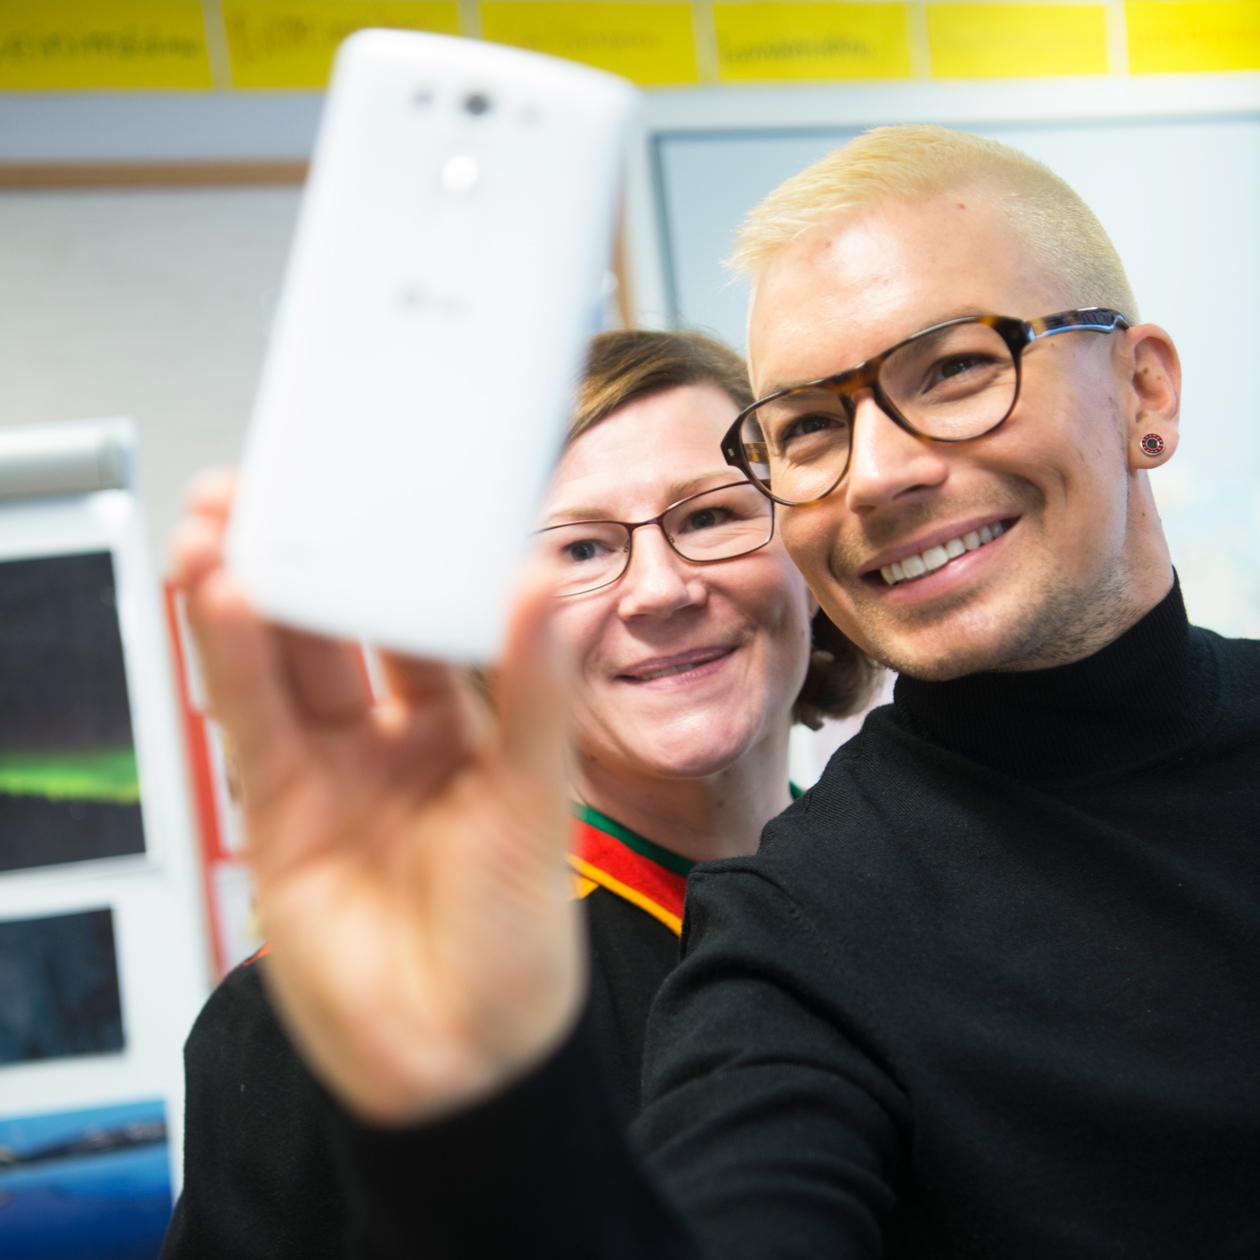 Antti Tuisku ottaa selfien open kanssa